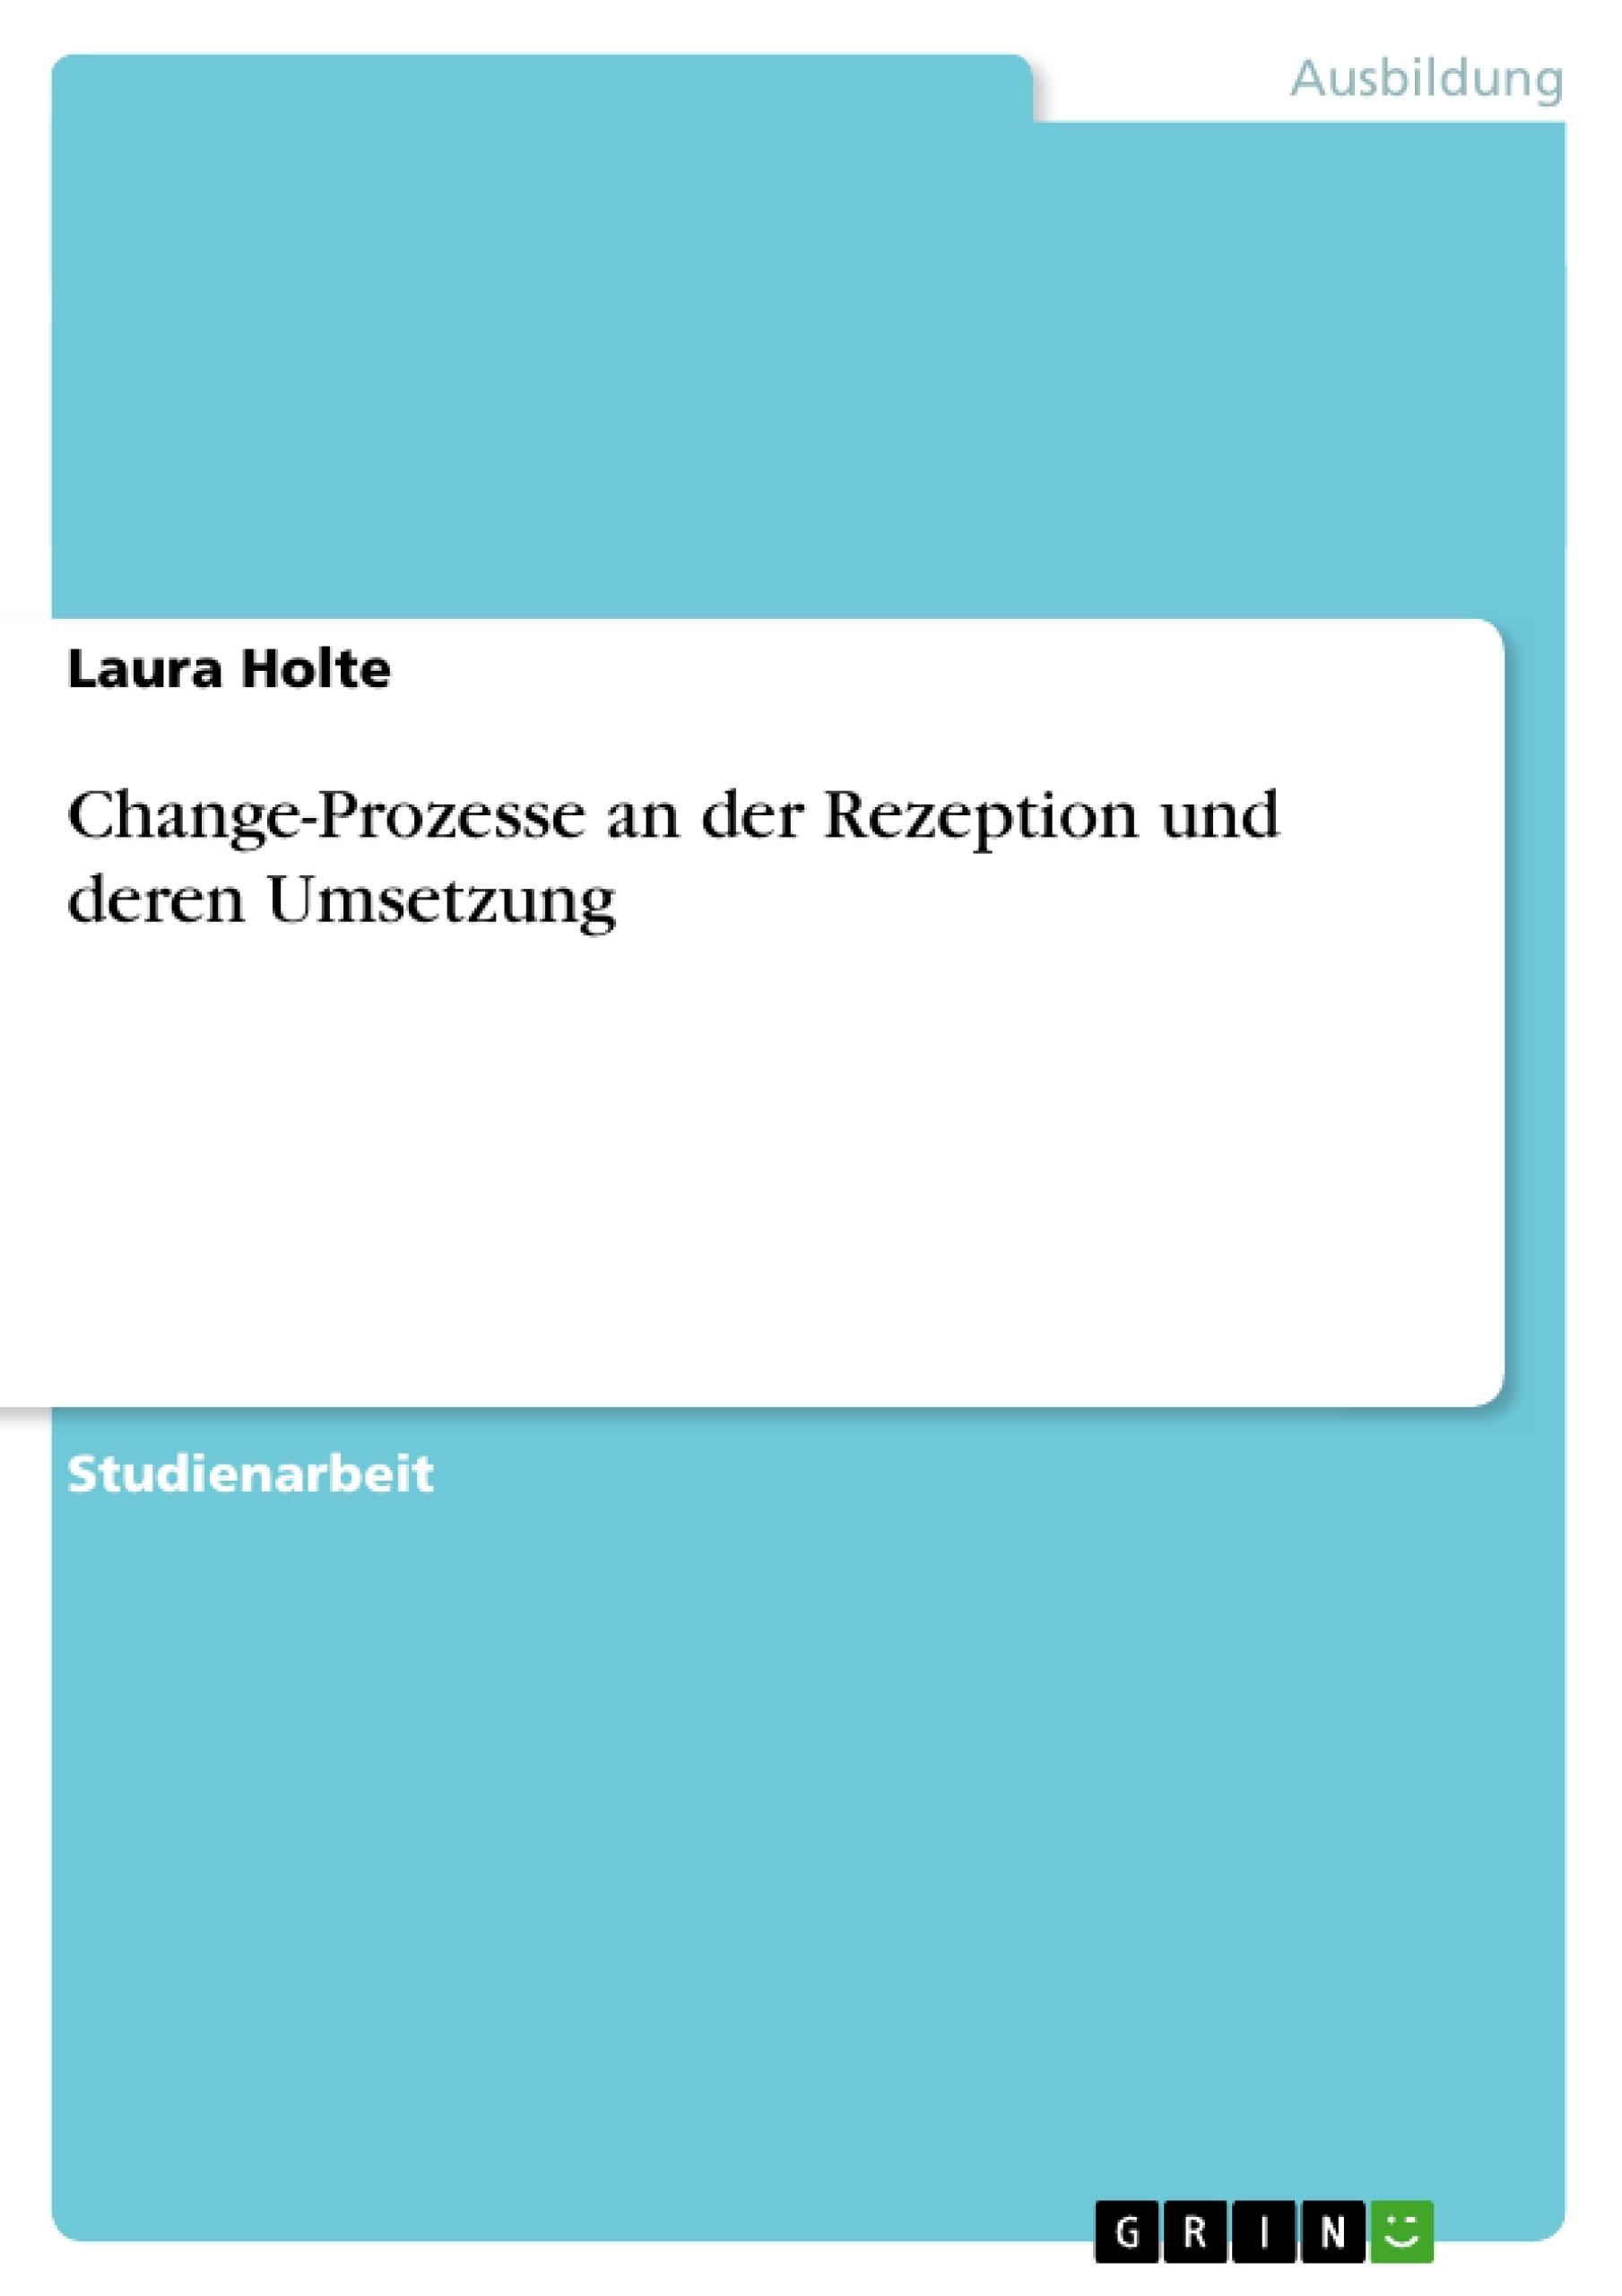 Change-Prozesse an der Rezeption und deren Umsetzung | Masterarbeit ...